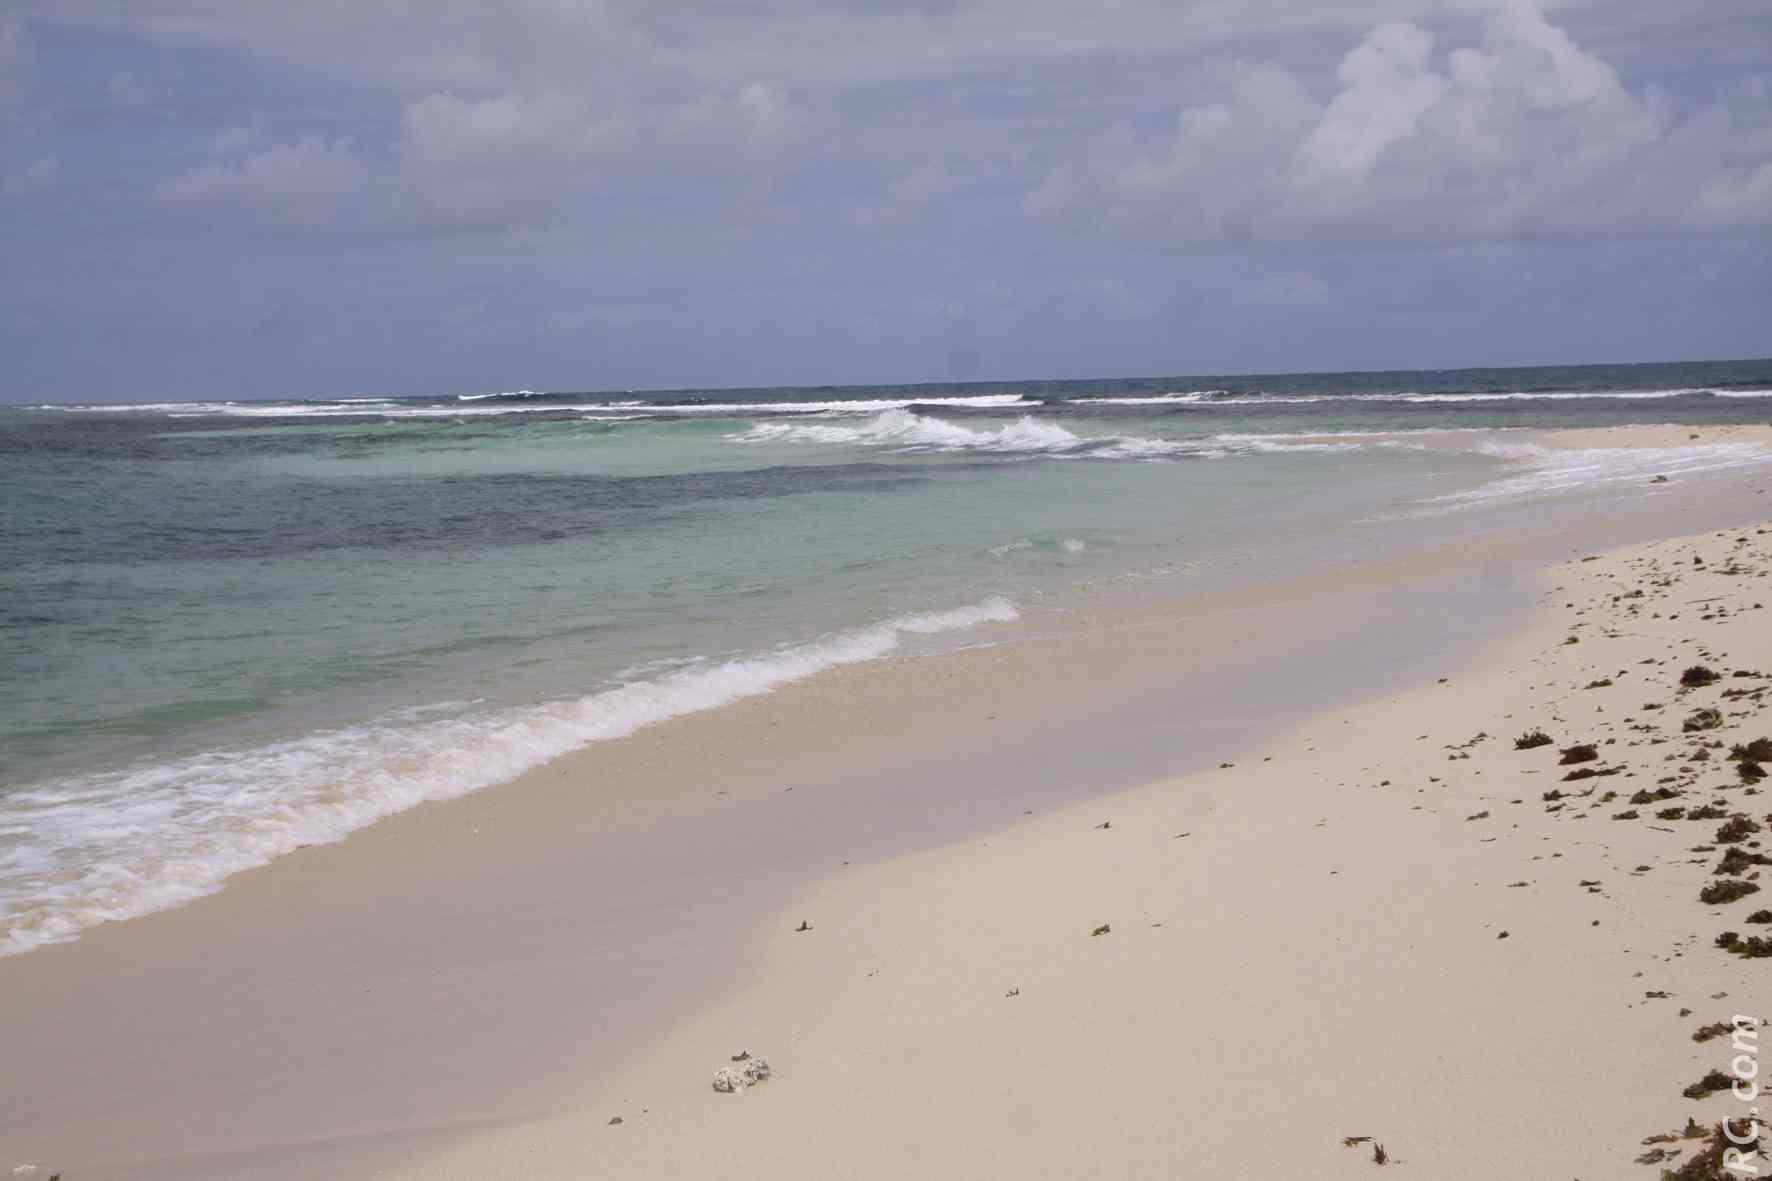 Un bout de terre où rien ne pousse, et la mer à perte de vue. Ça vous dit d'être seul au monde?